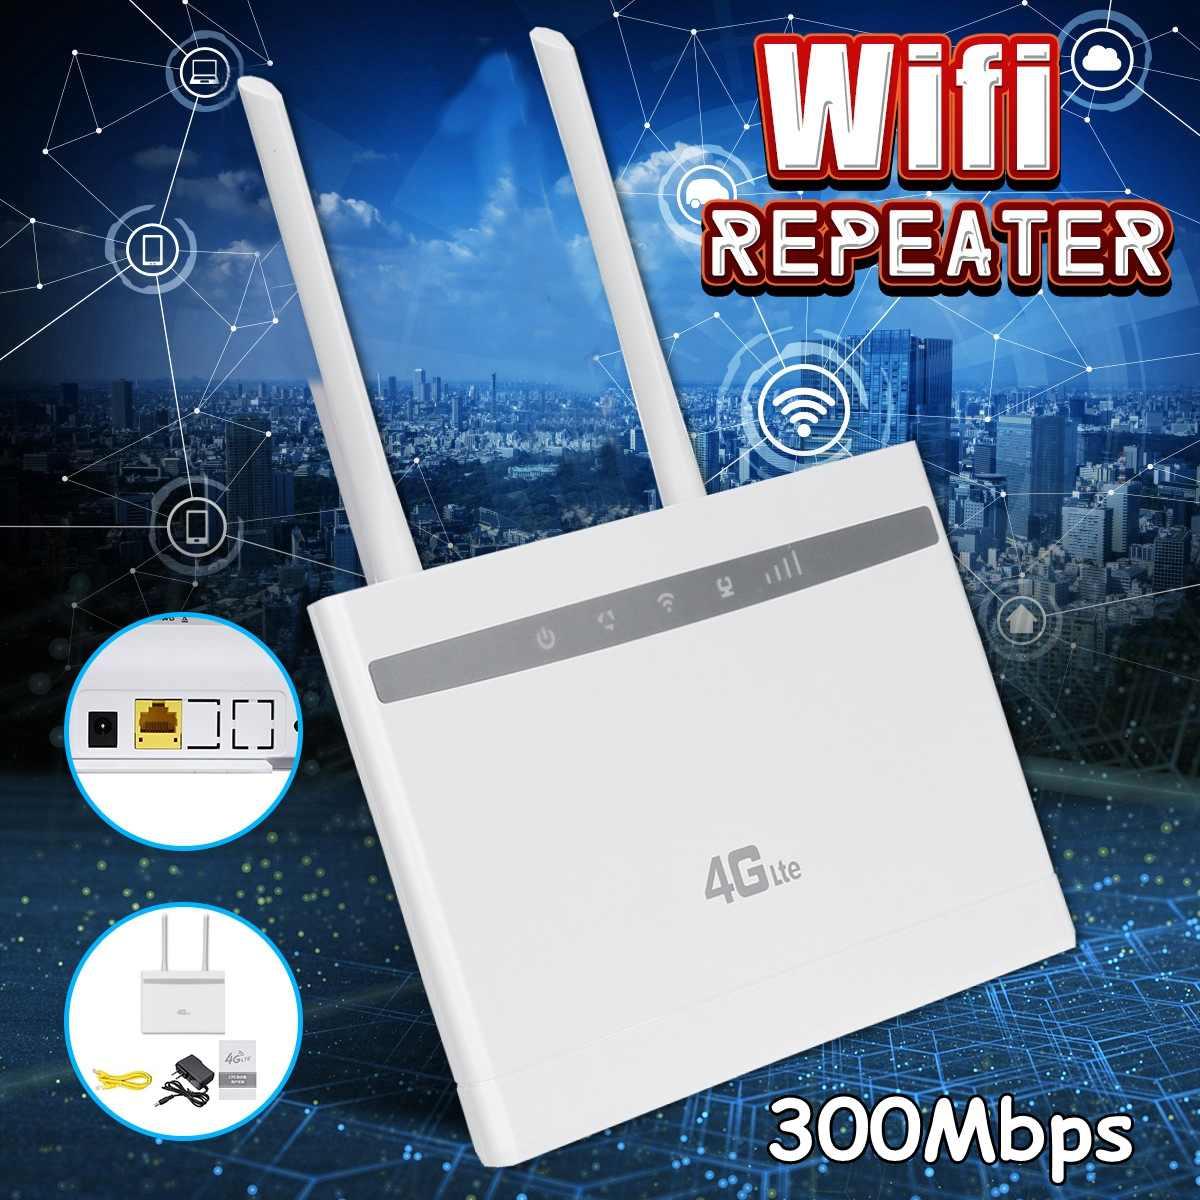 Routeur WIFI sans fil LEORY 3G/4G 300Mbps 4G LTE Modem routeur WIFI CPE avec emplacement pour carte Sim PK B310, B315, B593, B525, E5186